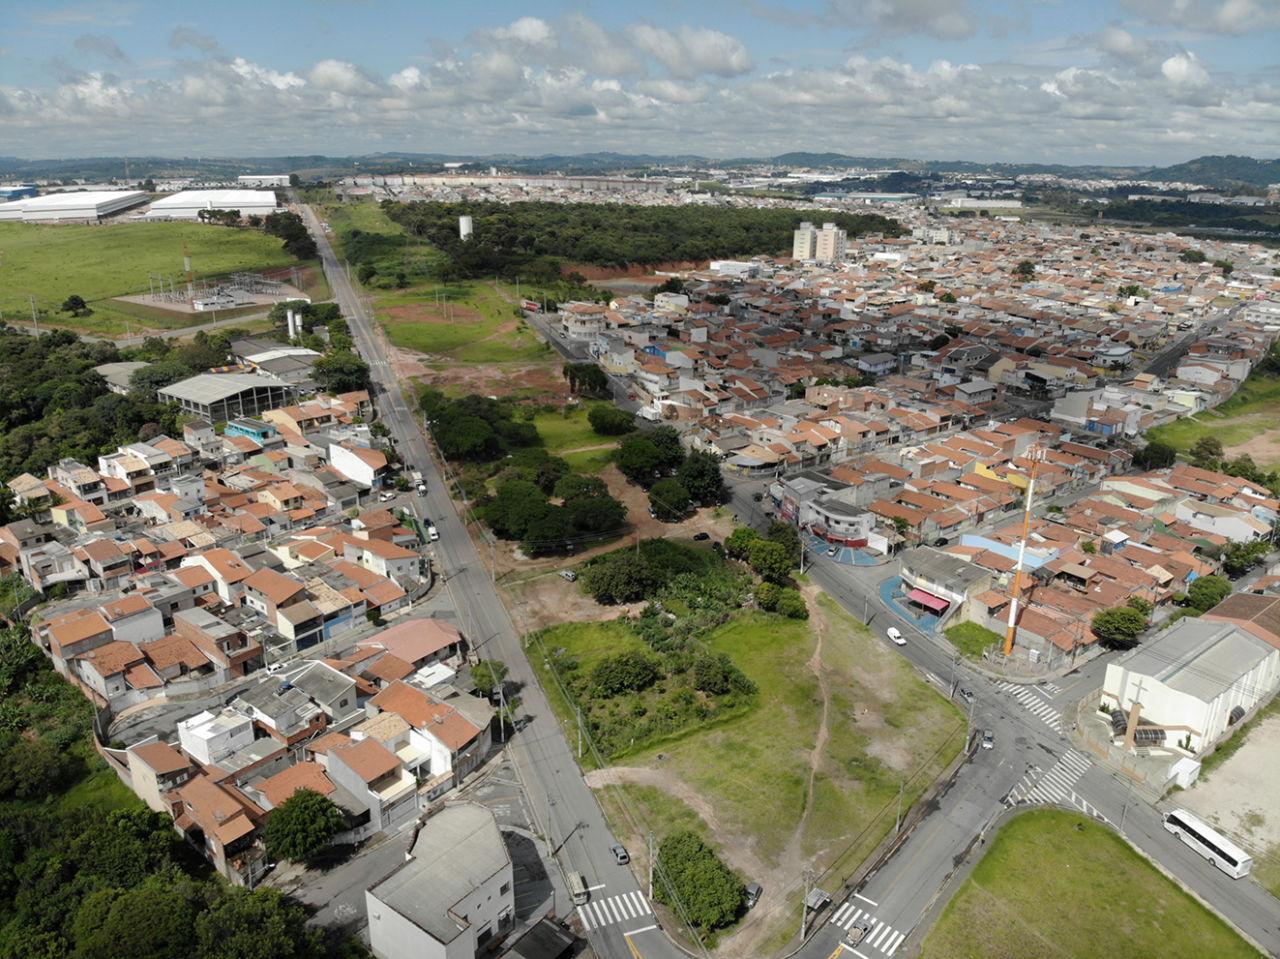 Imagem aérea do Jardim Novo Horizonte mostra ruas, casas e espaços verdes